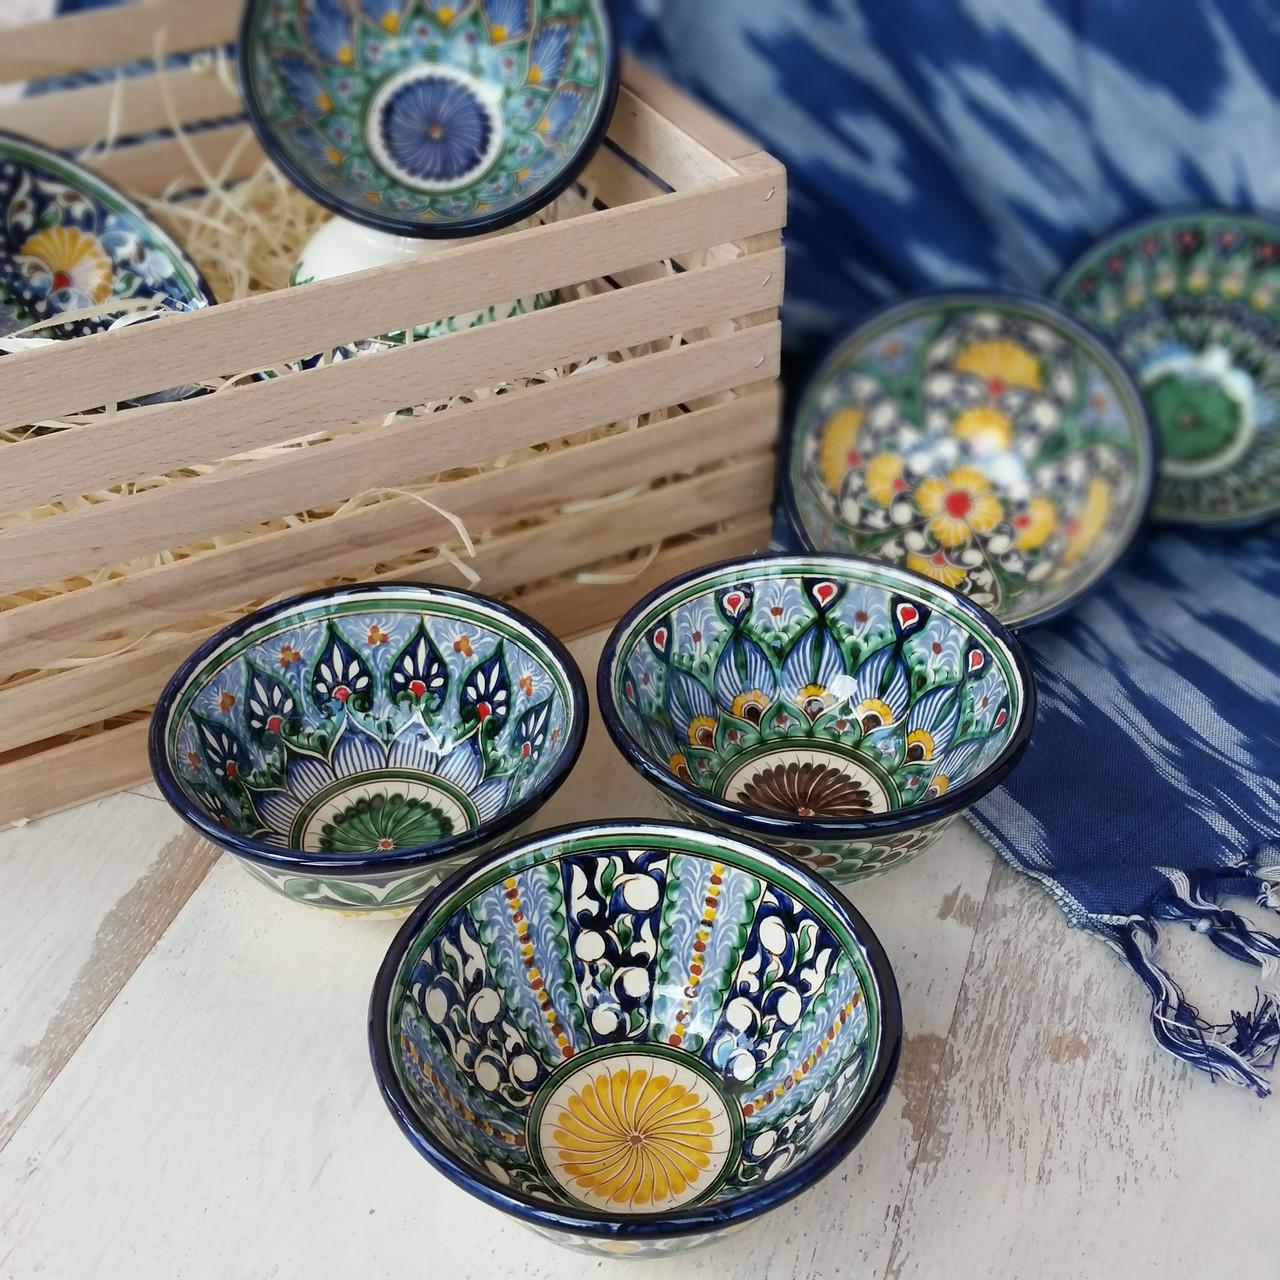 Узбекская пиала ручной работы ~200 мл, d 11 см. Керамика